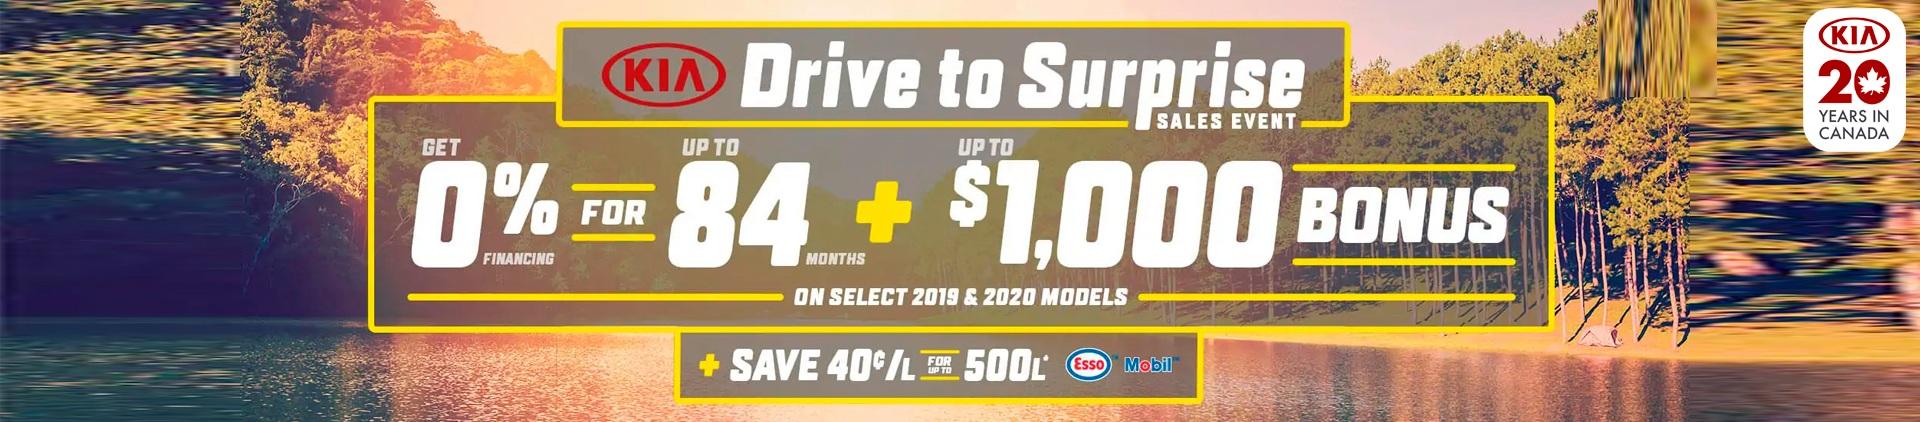 kia-drive-to-surprise